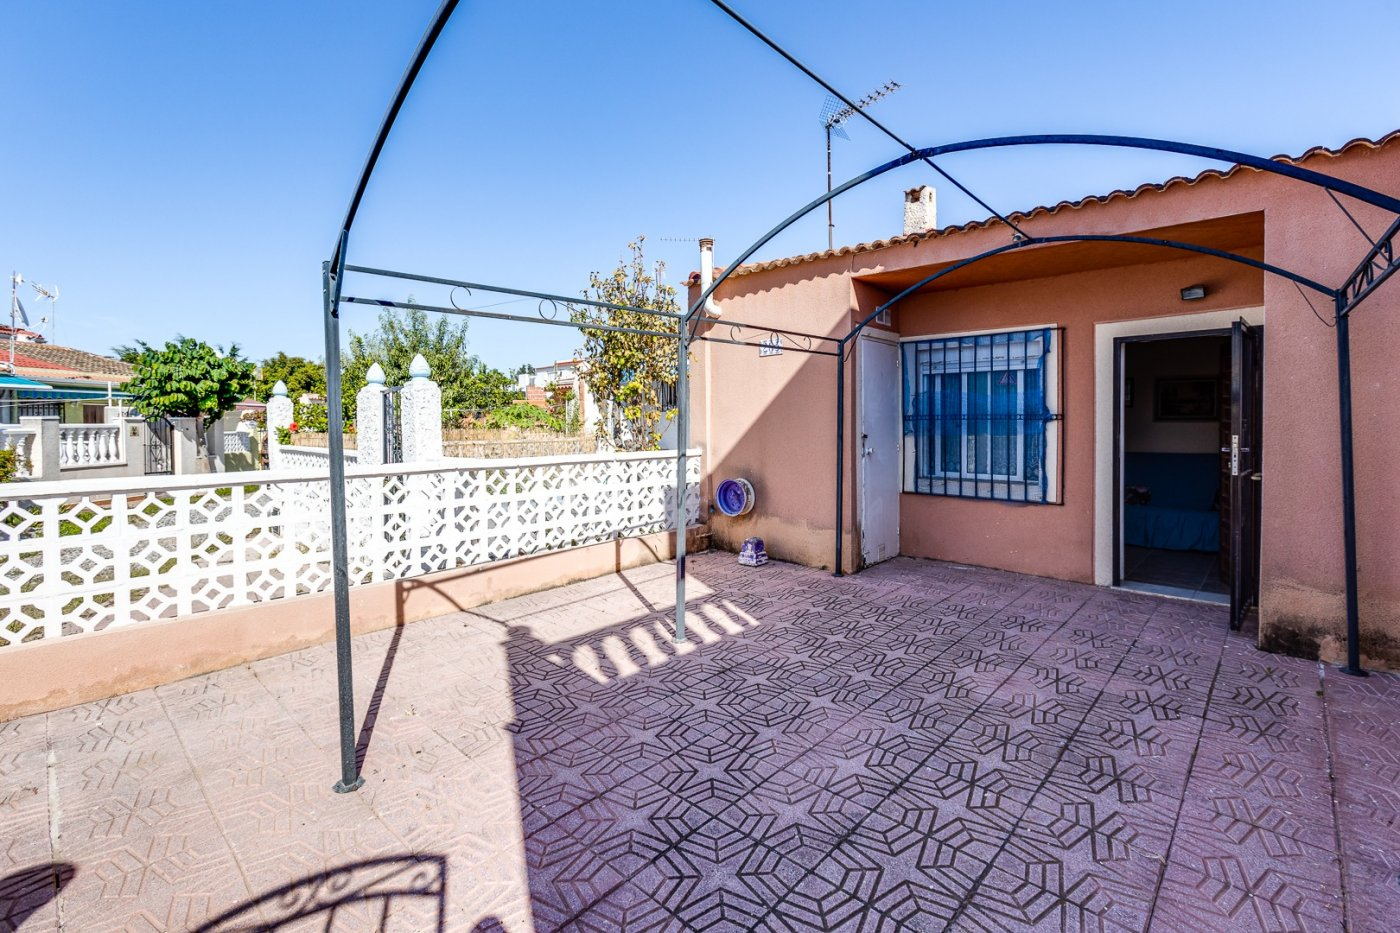 House for sale in La siesta, Torrevieja